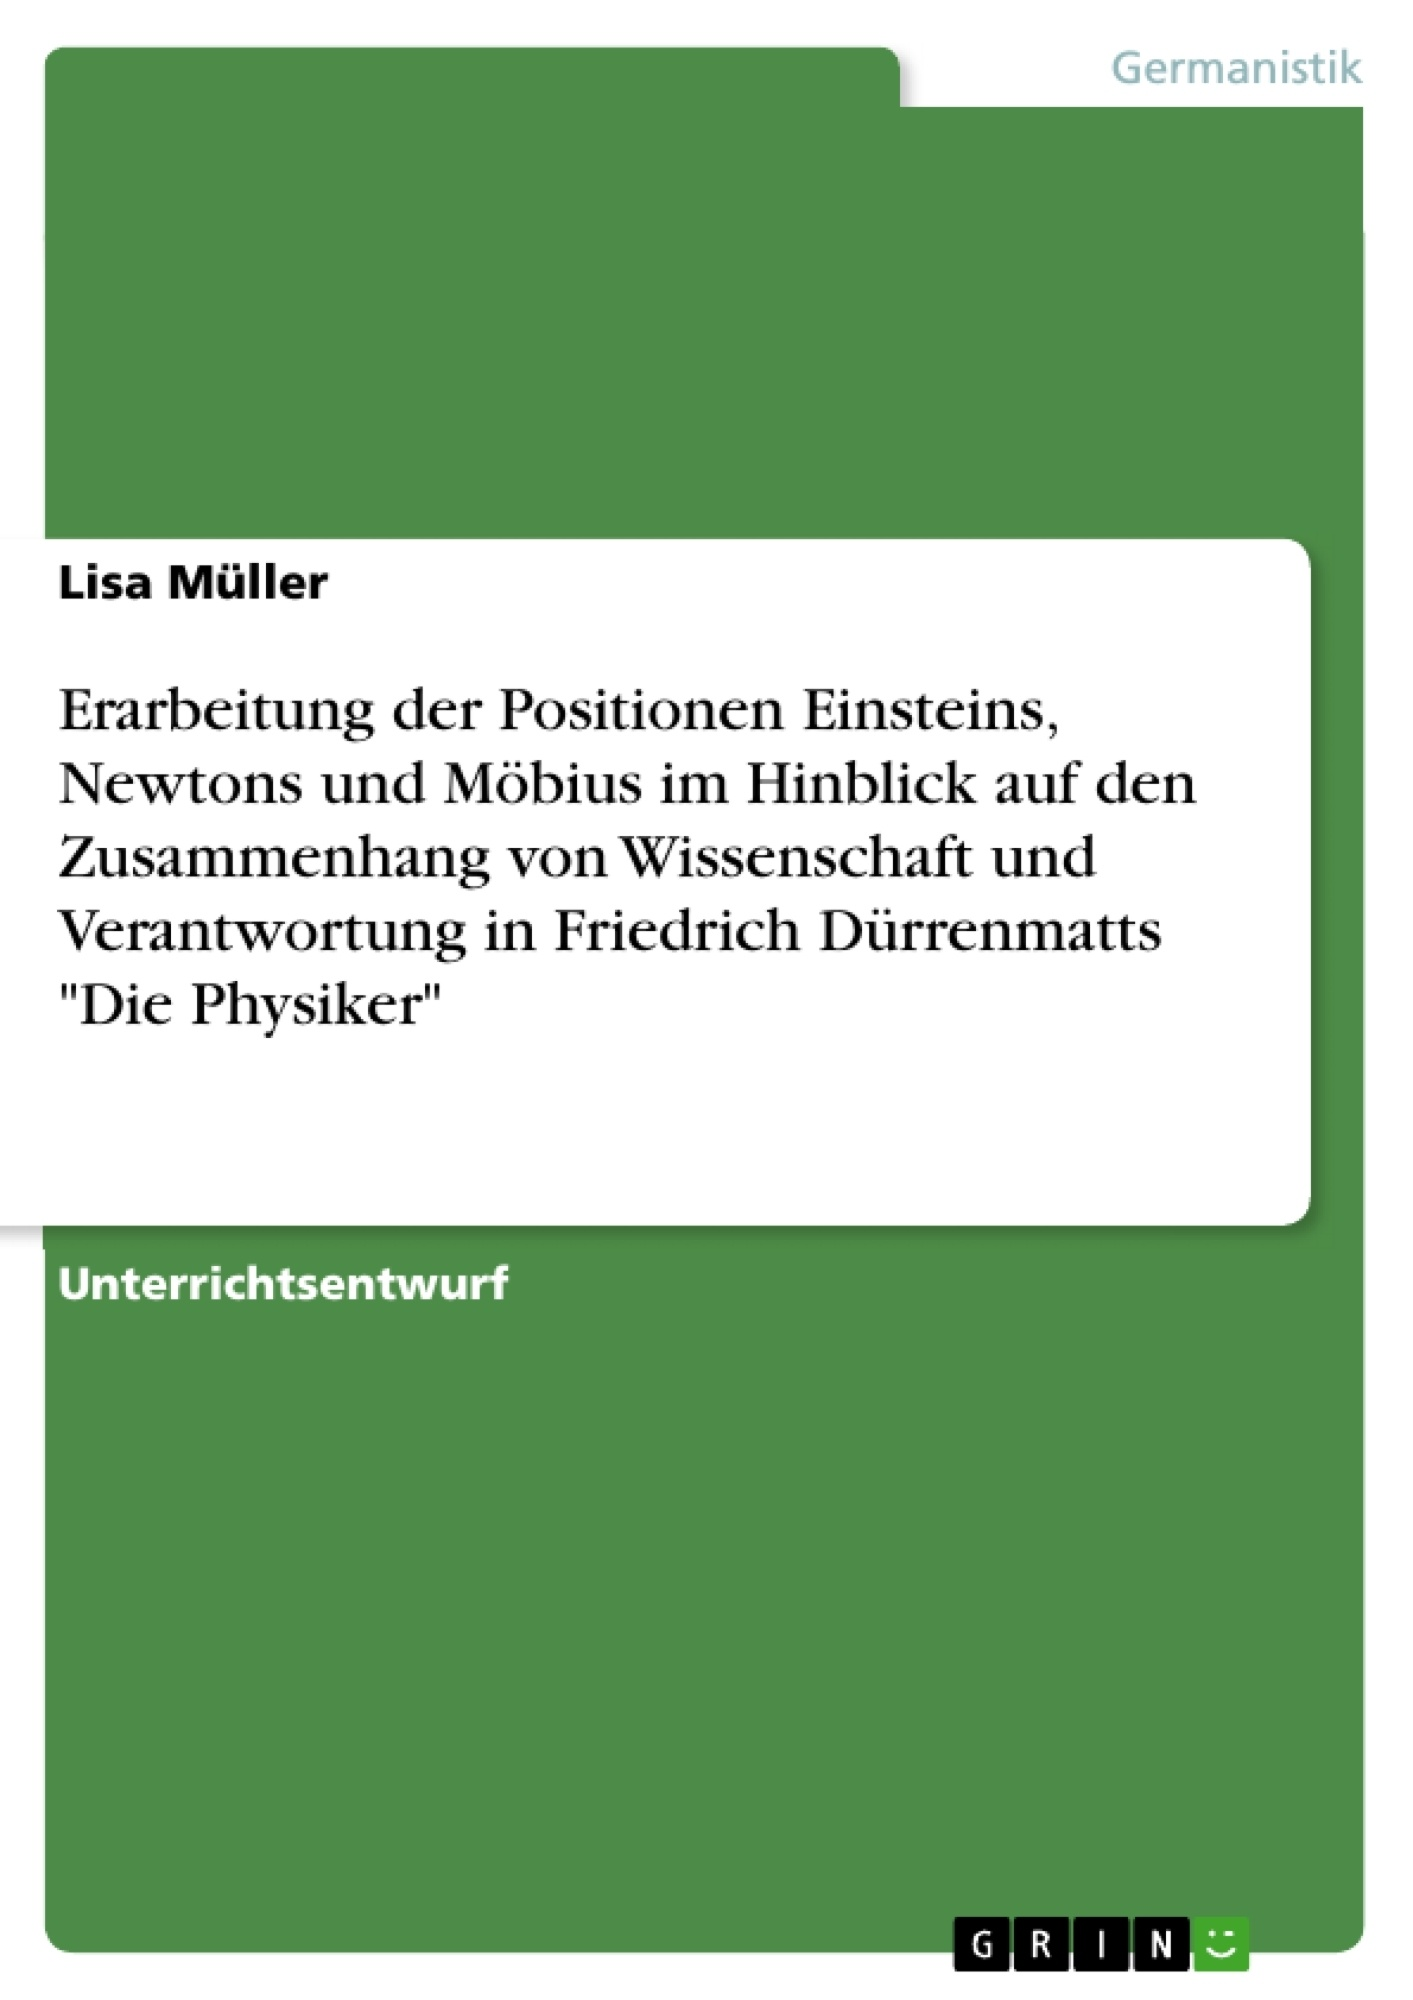 """Titel: Erarbeitung der Positionen Einsteins, Newtons und Möbius im Hinblick auf den Zusammenhang von Wissenschaft und Verantwortung in Friedrich Dürrenmatts """"Die Physiker"""""""